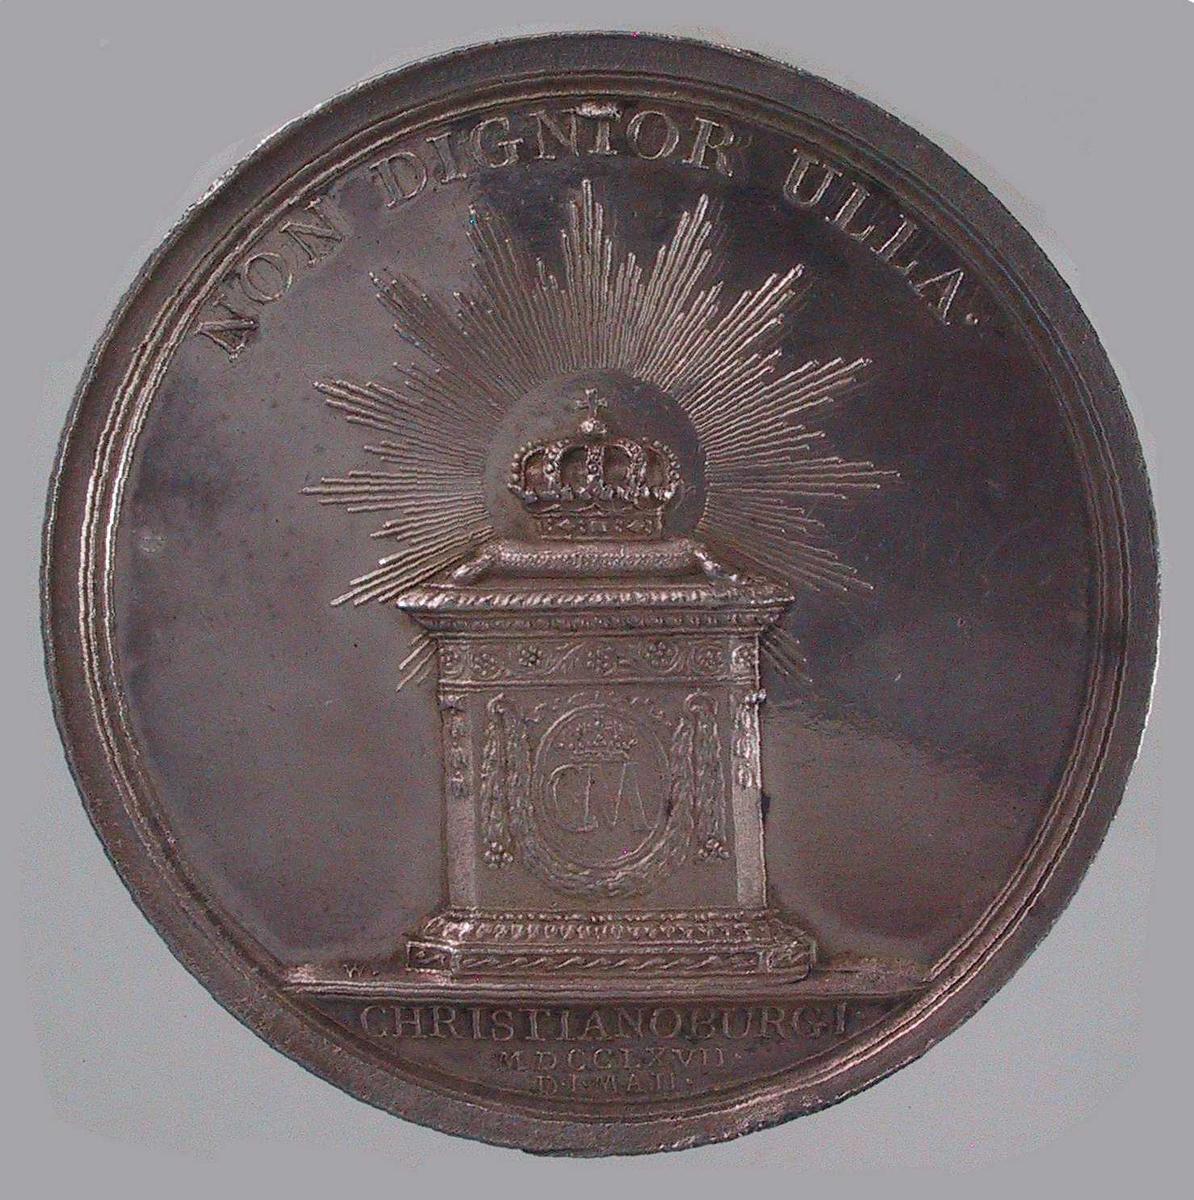 Adv. Dronningens byste.  Rev. Omstrålet krone på et alter med dronningens navnesiffer.